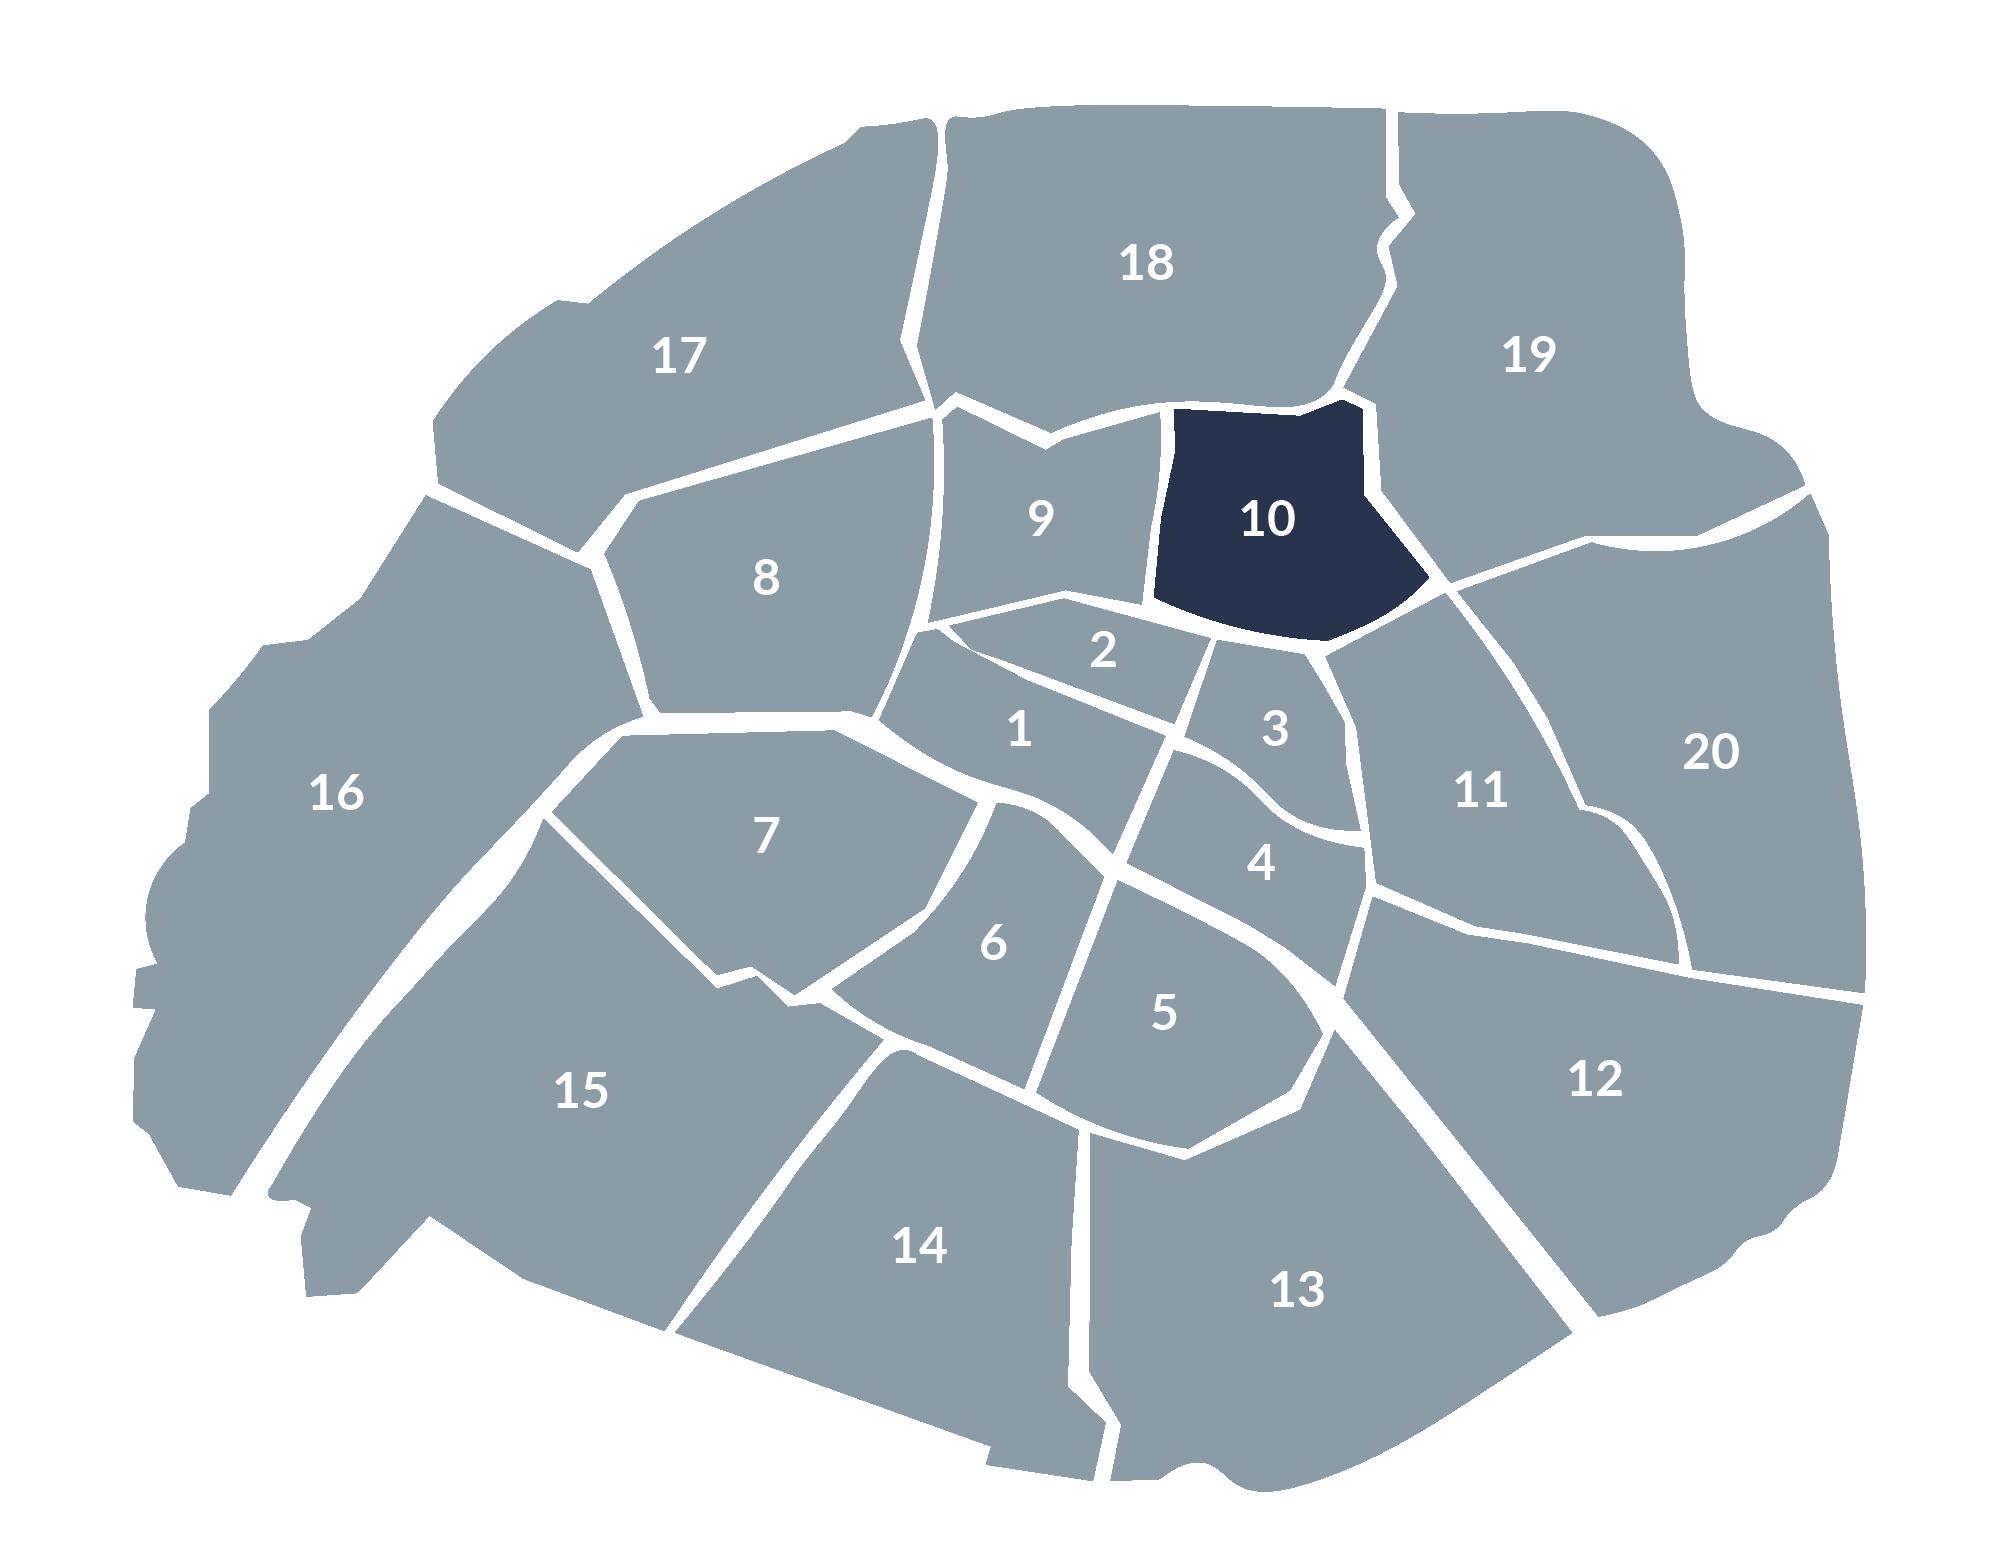 carte paris 10e arrondissement